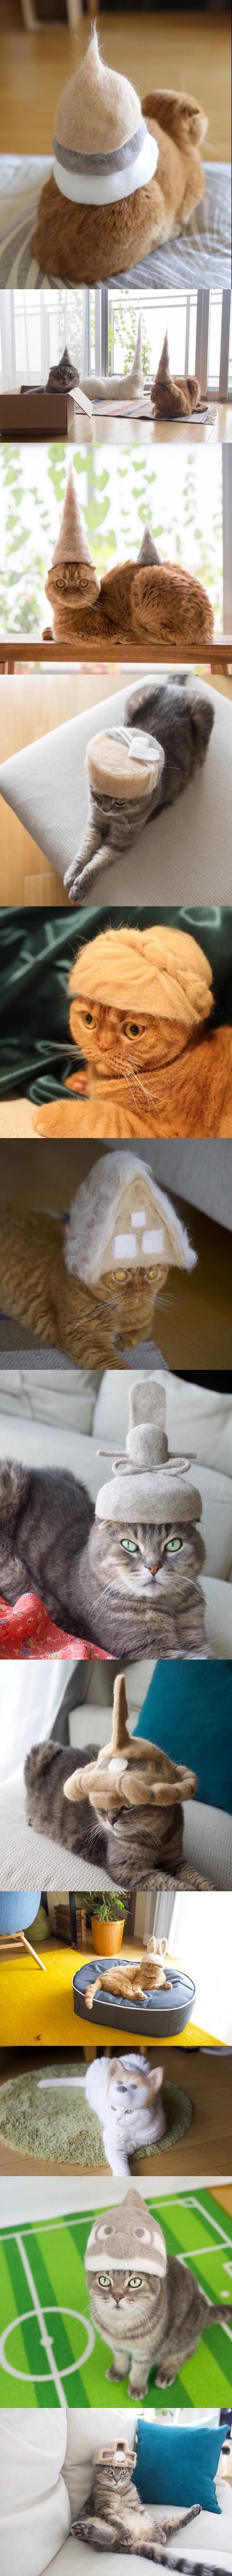 고양이털 재활용